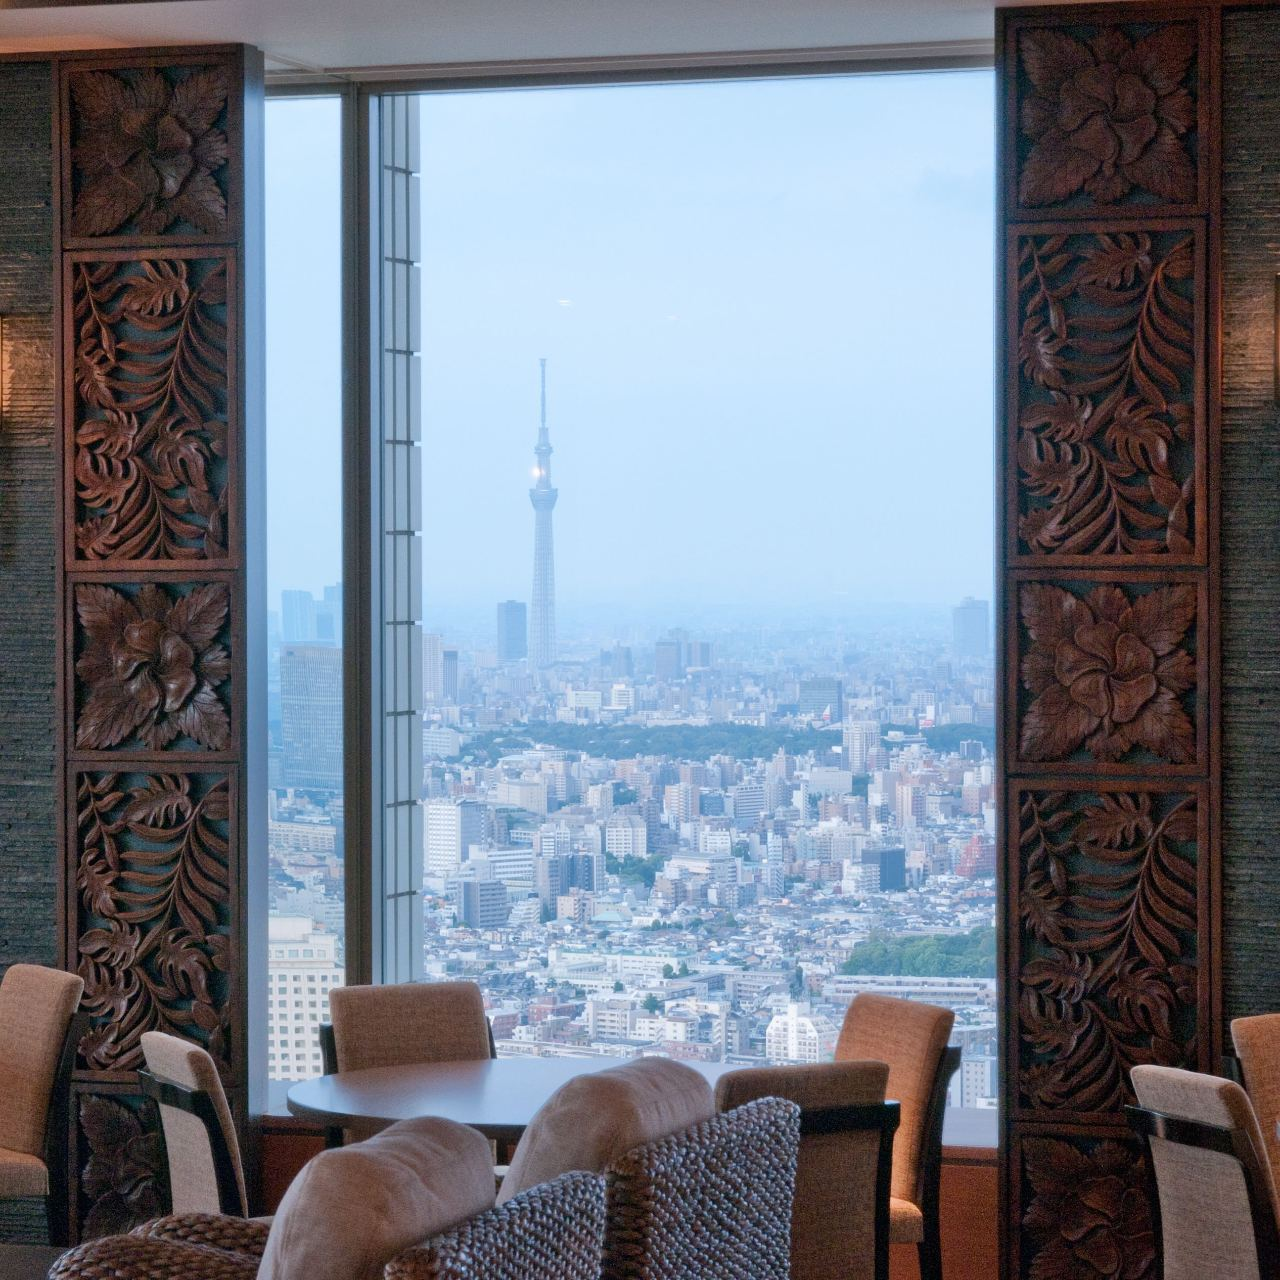 東京の街を一望できる爽快感が味わえます。